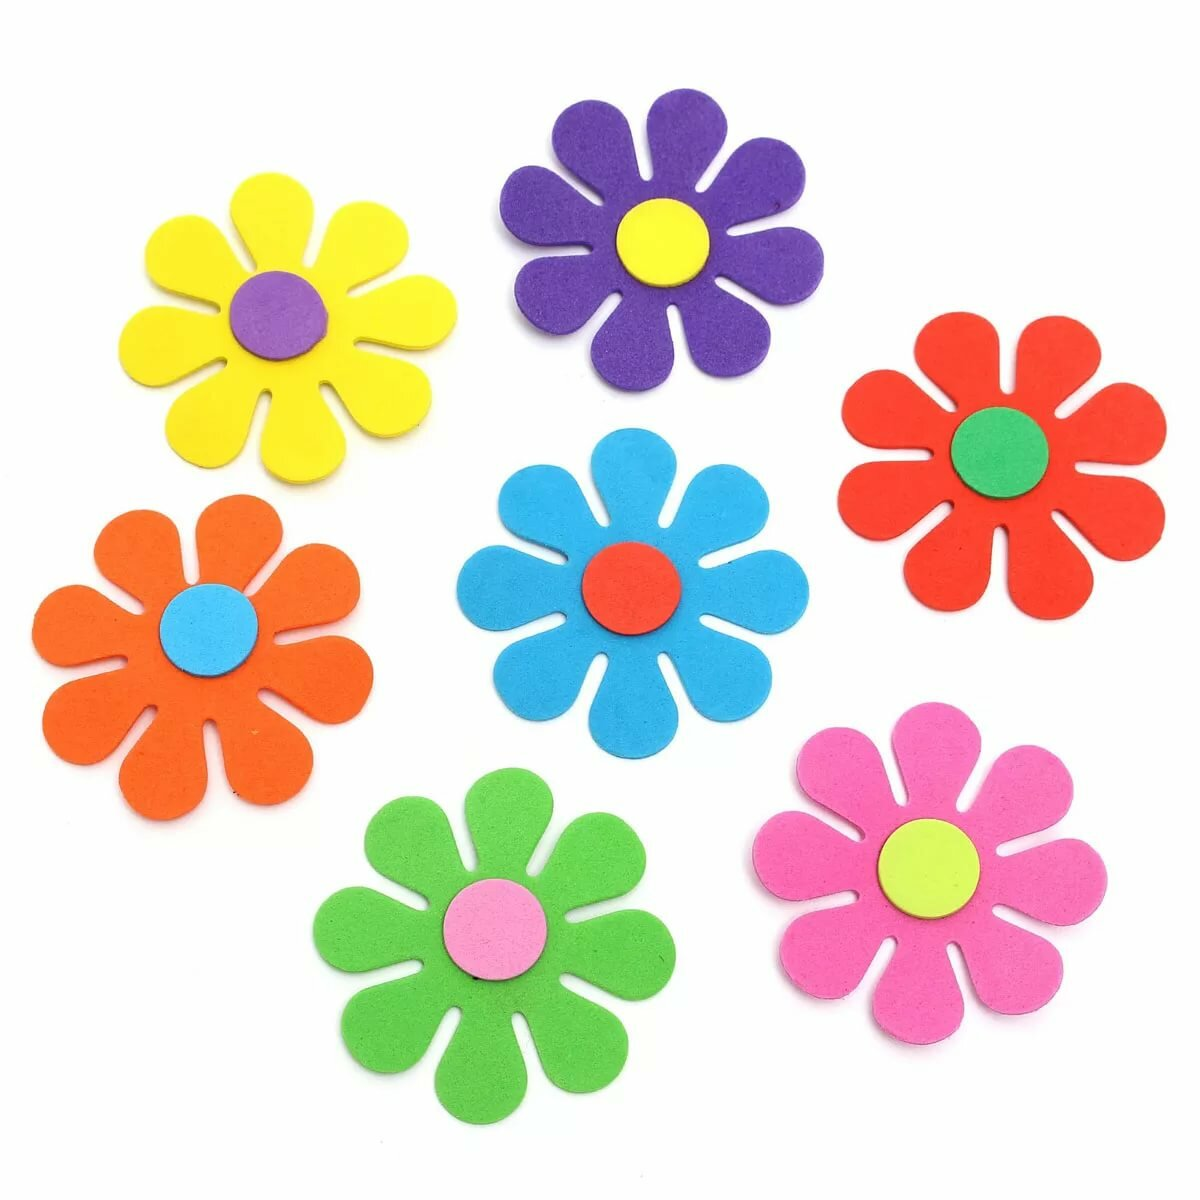 цветочки картинки шаблоны для вырезания цветные нашем магазине можно